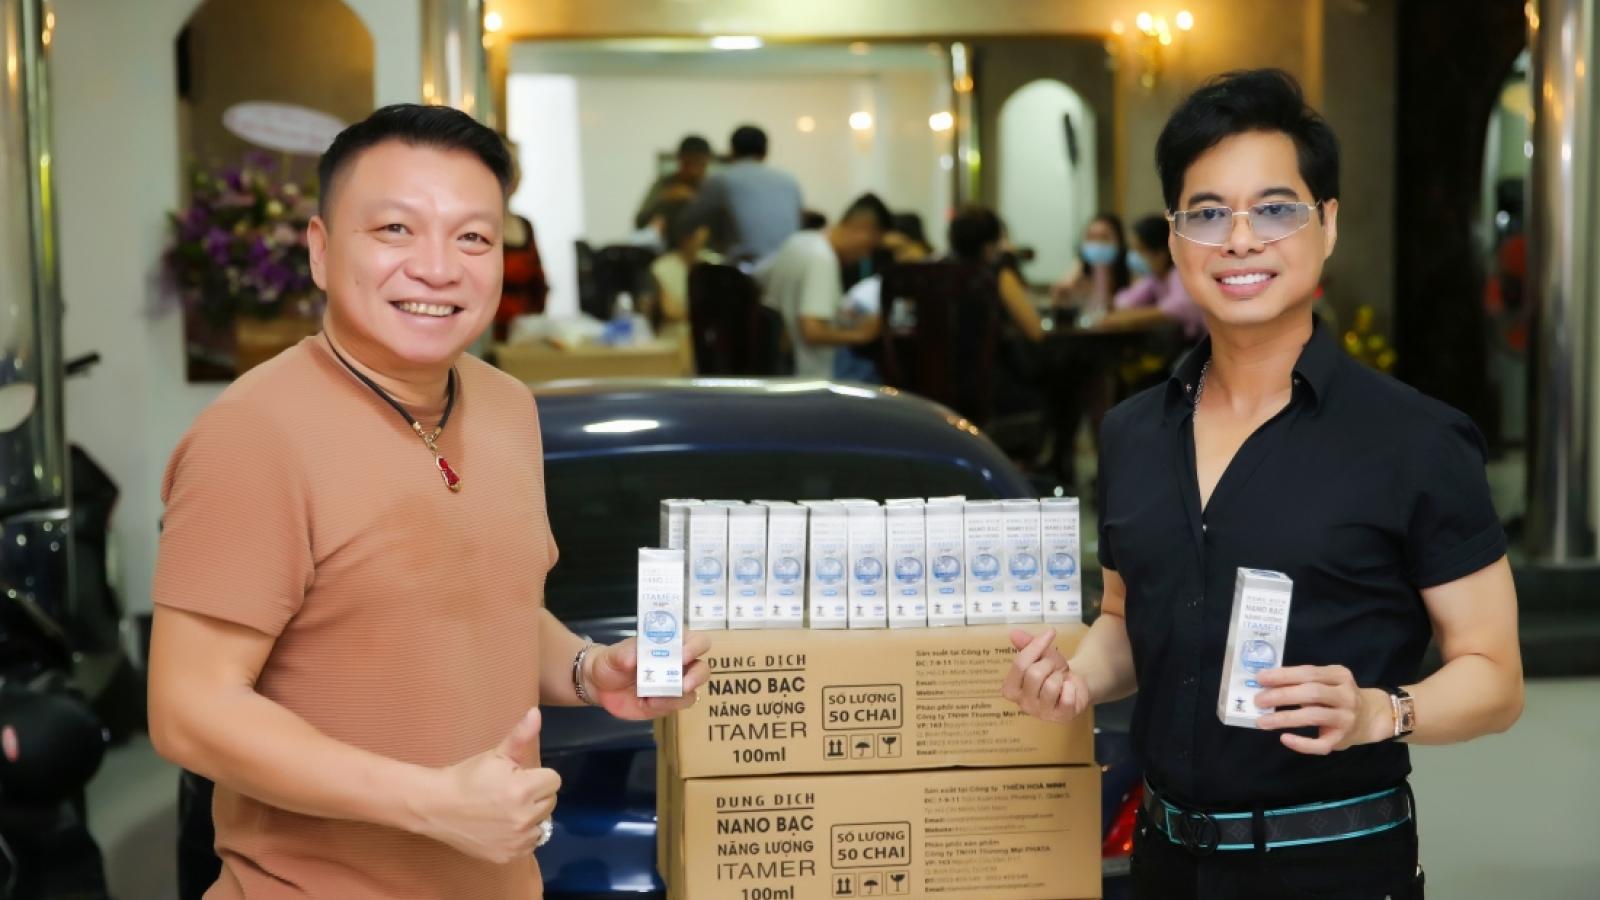 Ngọc Sơn ủng hộ 1000 chai nano bạc hỗ trợ Đà Nẵng chống dịch